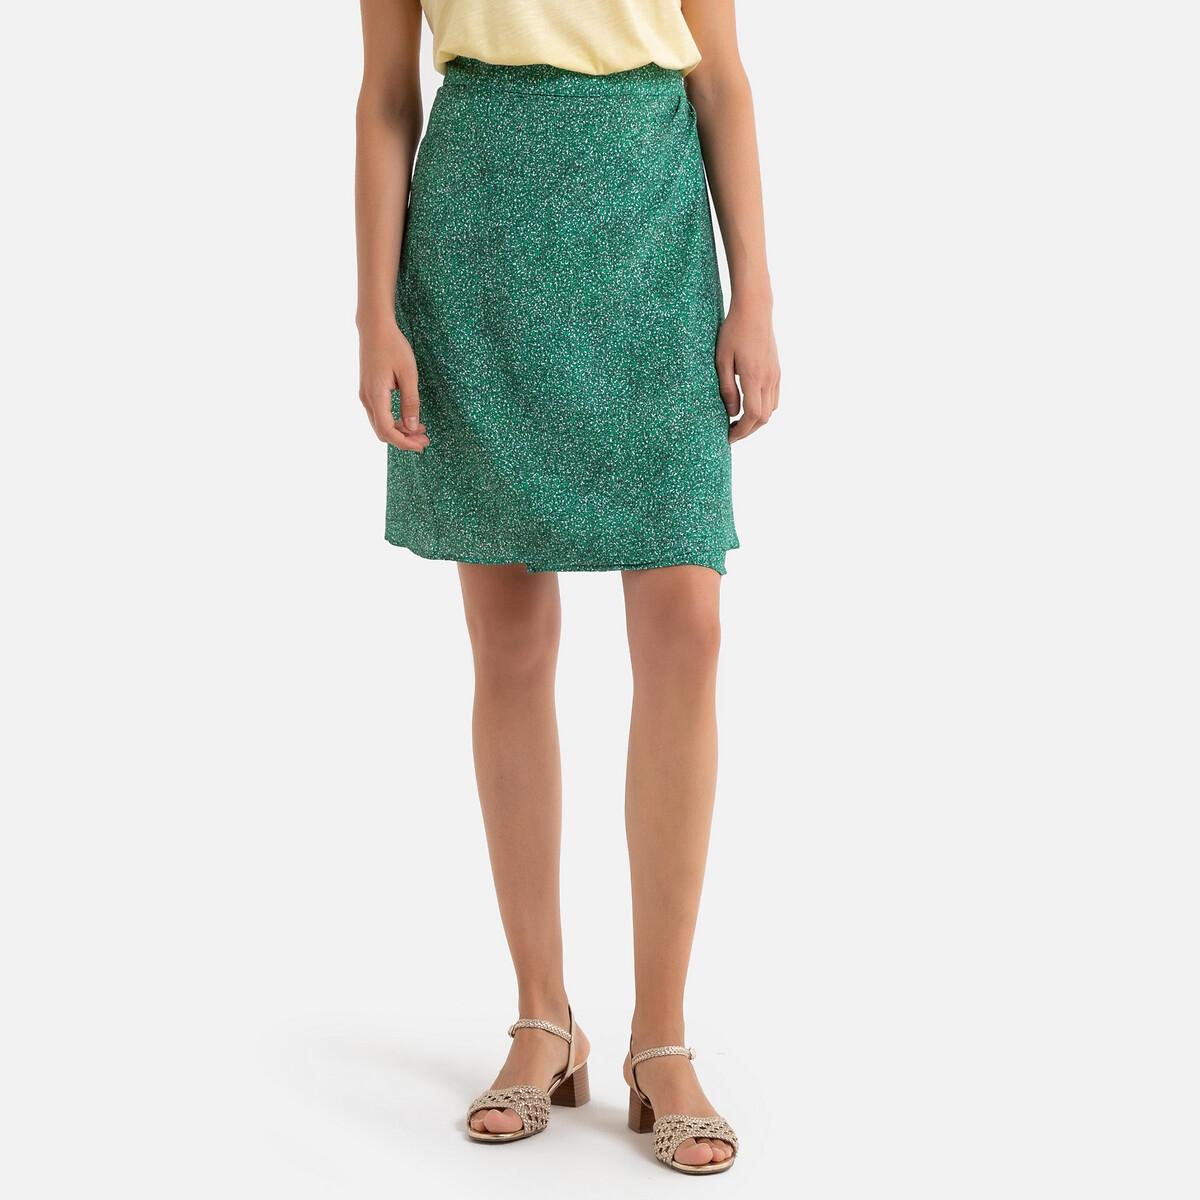 Юбка La Redoute Короткая с запахом PAOLA 42 (FR) - 48 (RUS) зеленый юбка la redoute короткая прямая из ткани с пропиткой 40 fr 46 rus черный